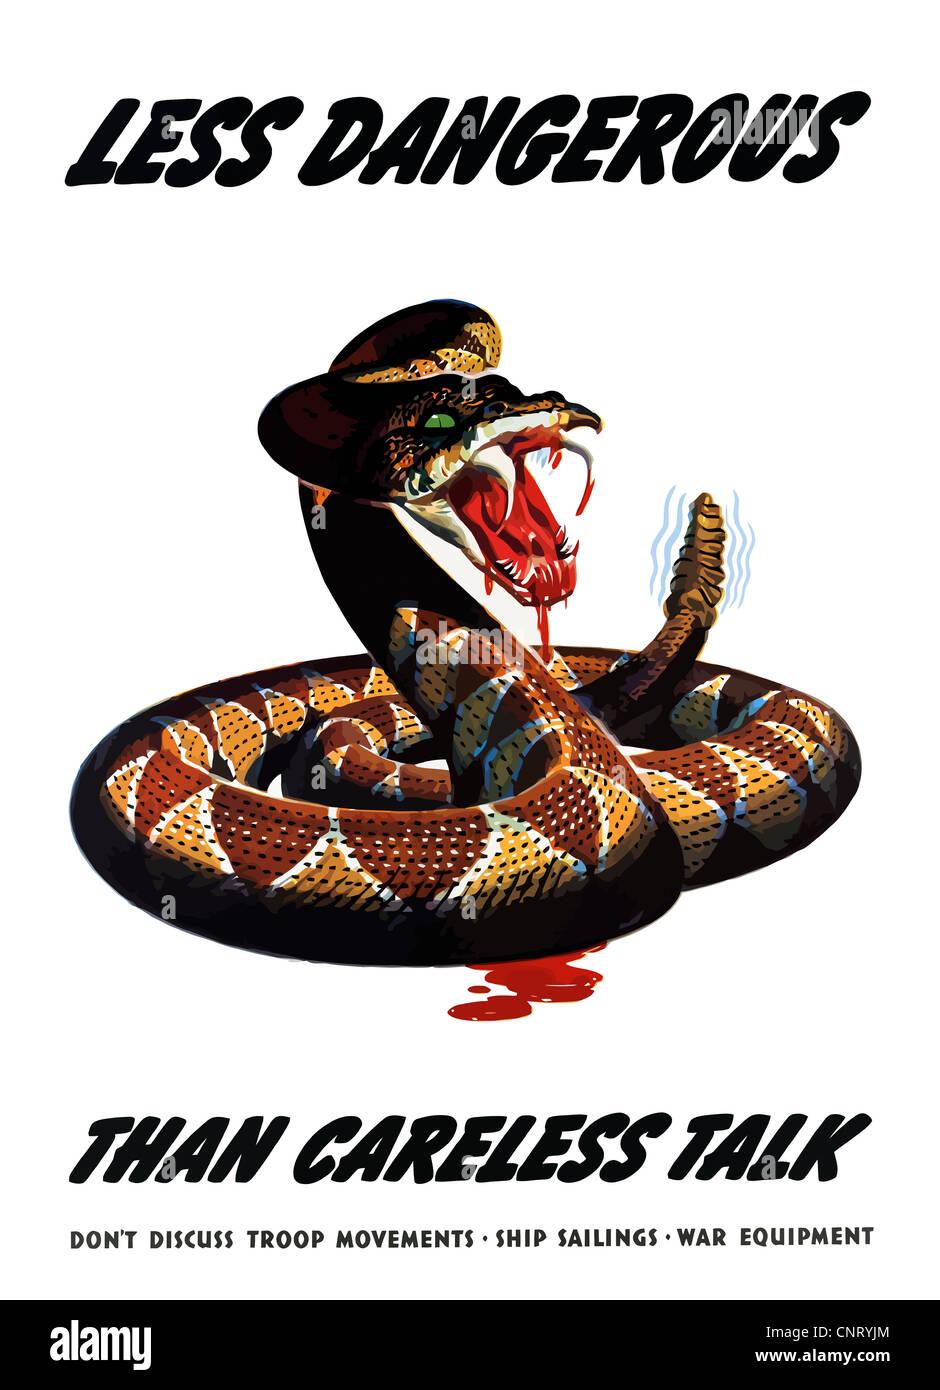 Digitally restored propaganda war poster. - Stock Image